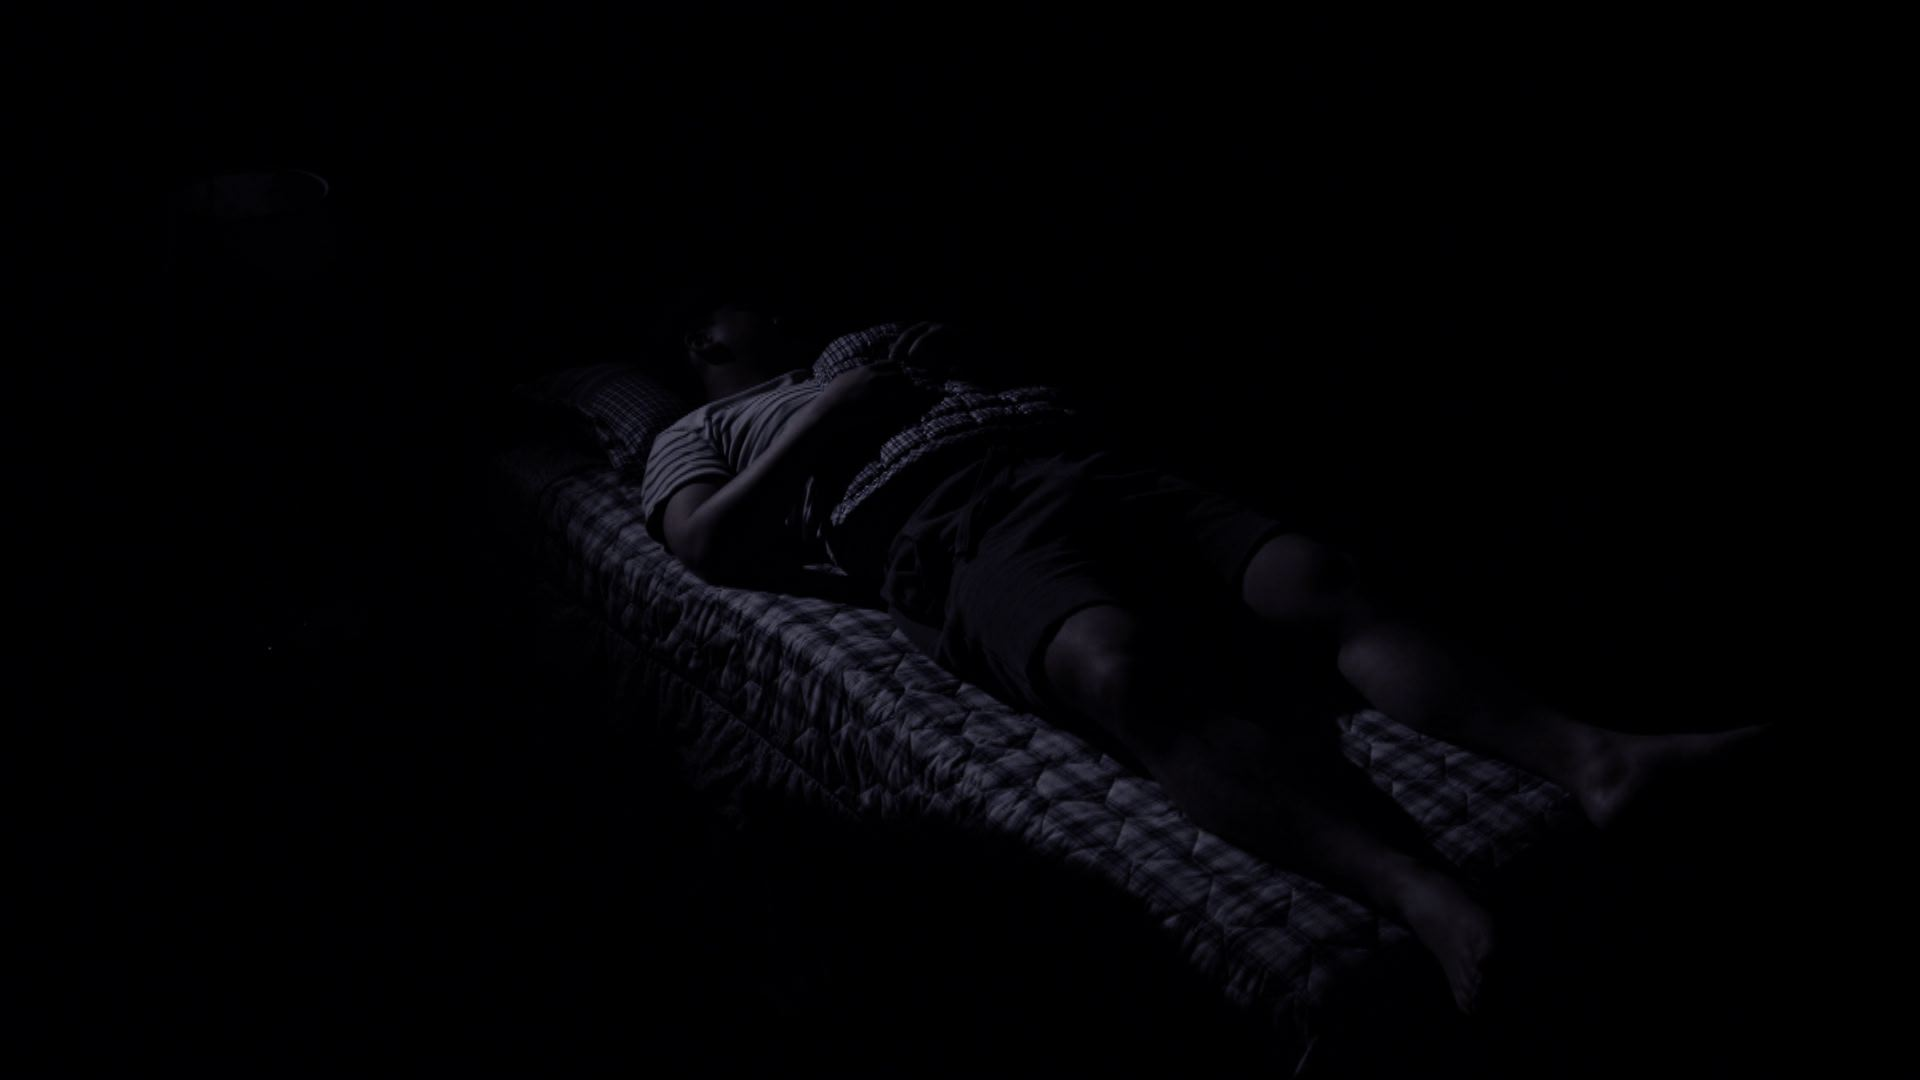 한밤의 울음소리